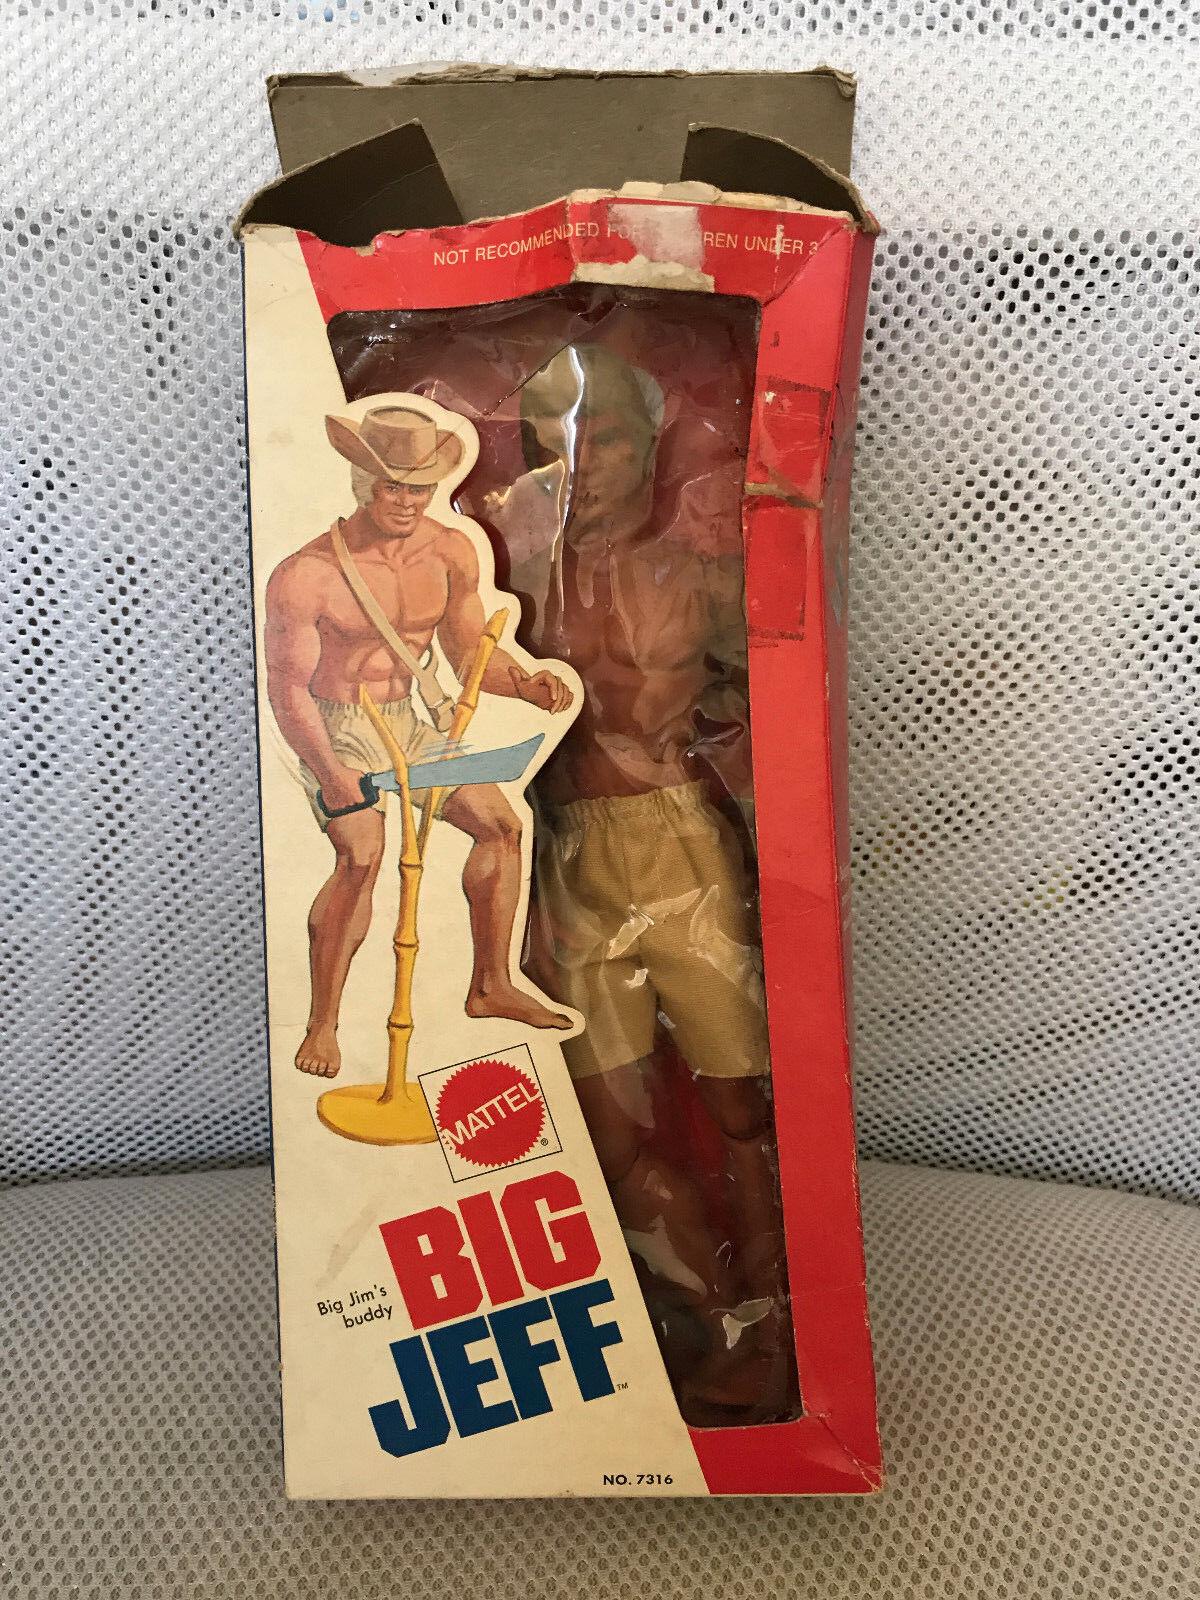 MIB MOC NYA Big JM MATEL BIG JEFF SAKNAR CAP PÅ TOP